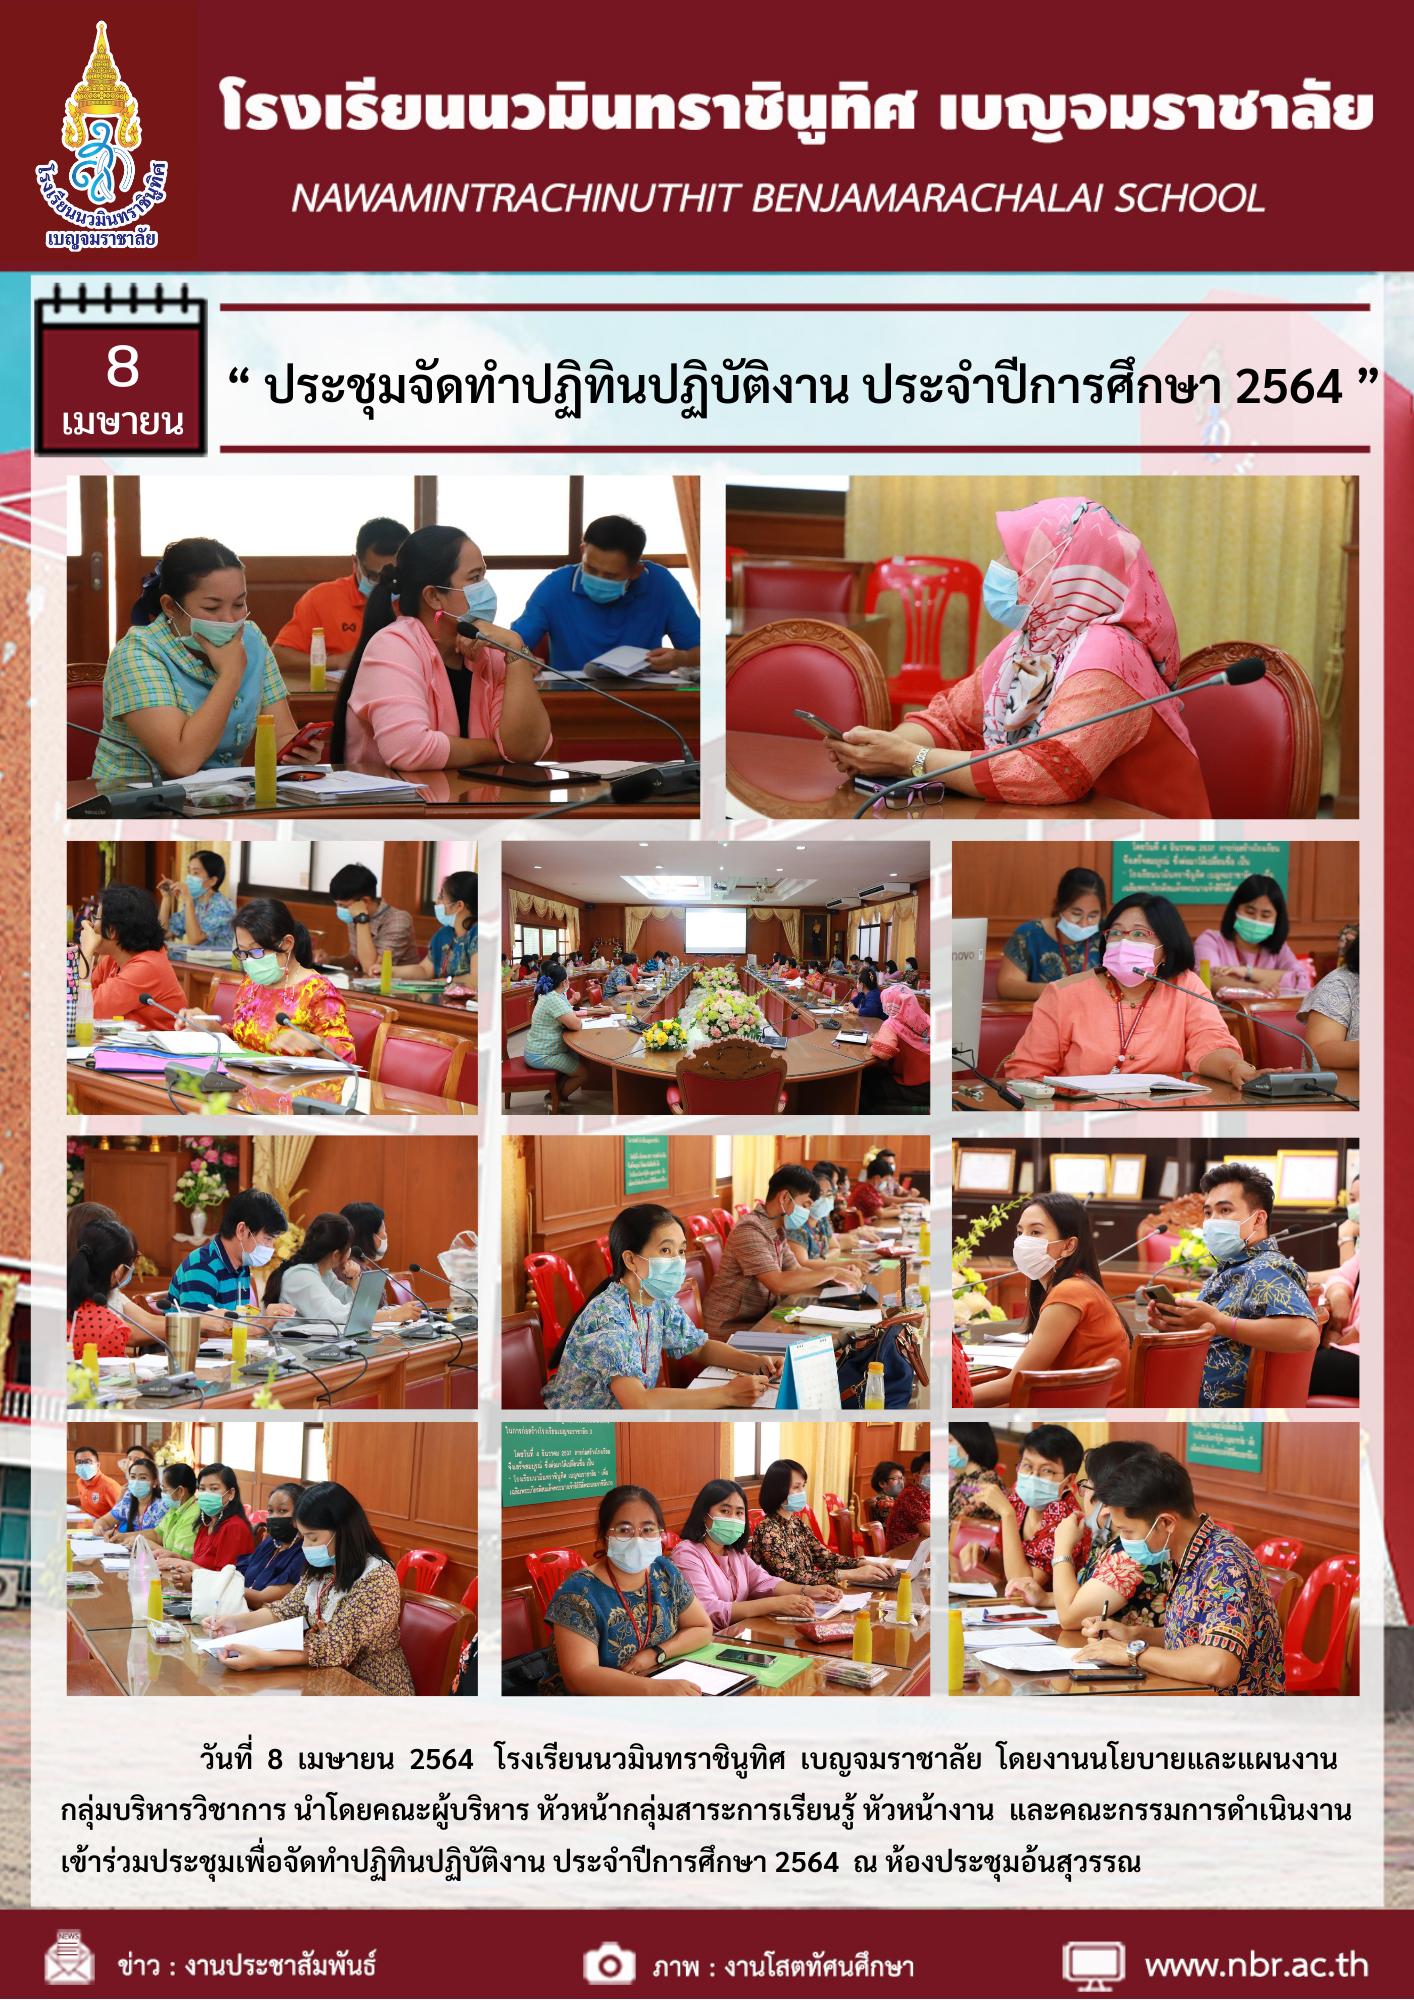 ประชุมจัดทำปฏิทินปฏิบัติงาน ประจำปีการศึกษา2564